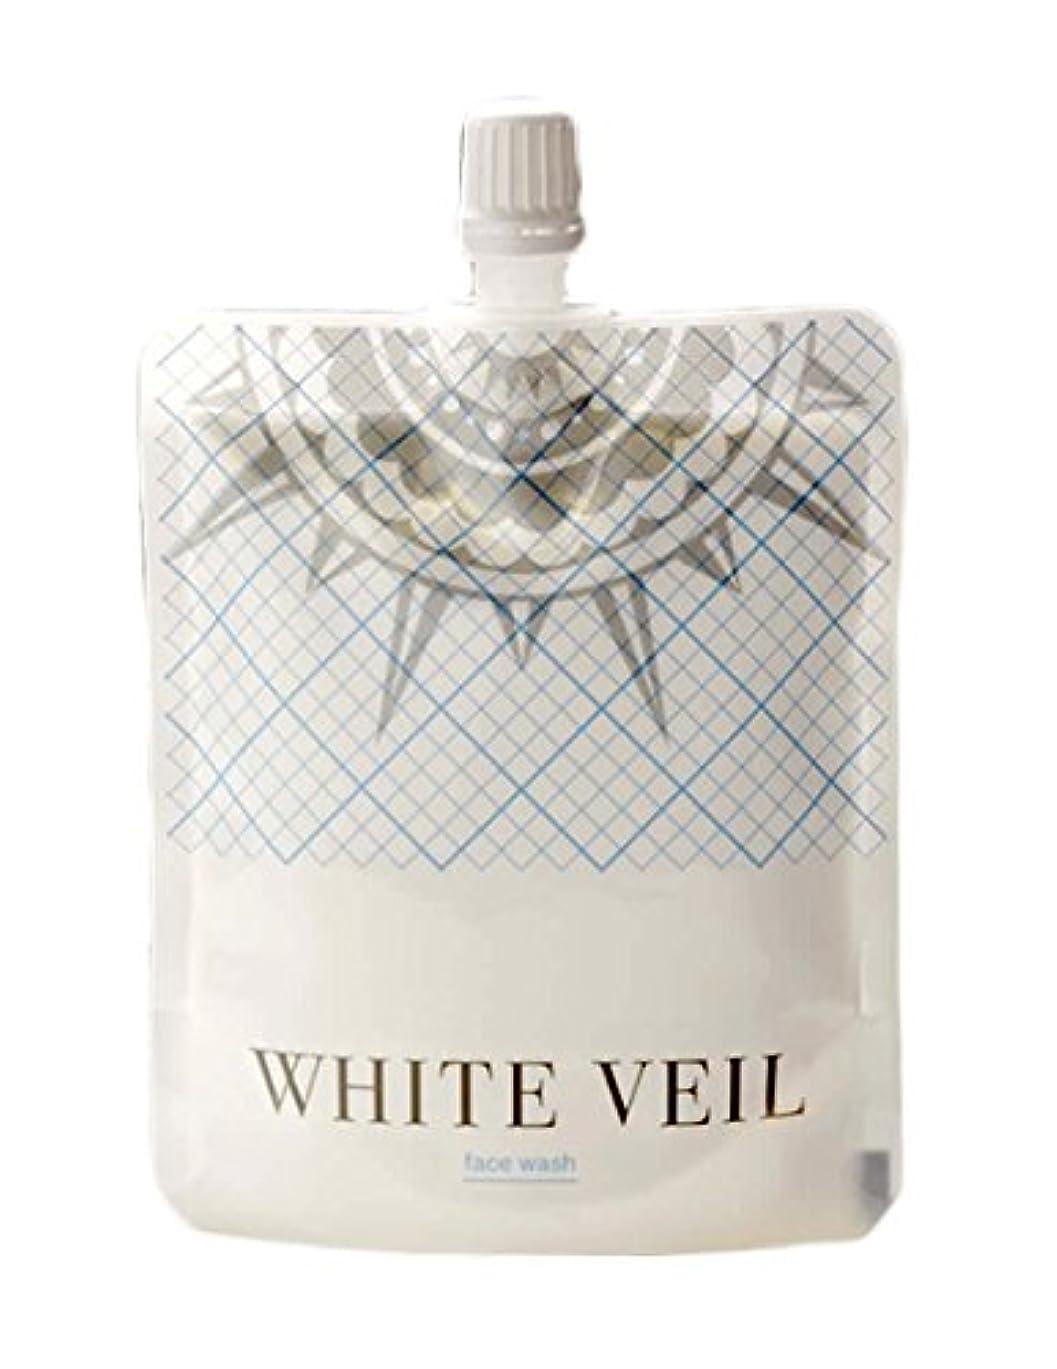 梨にじみ出るインドキラリズム ホワイトヴェール フェイスウォッシュ 白雪洗顔 110g (約2ヶ月分) 洗顔せっけん